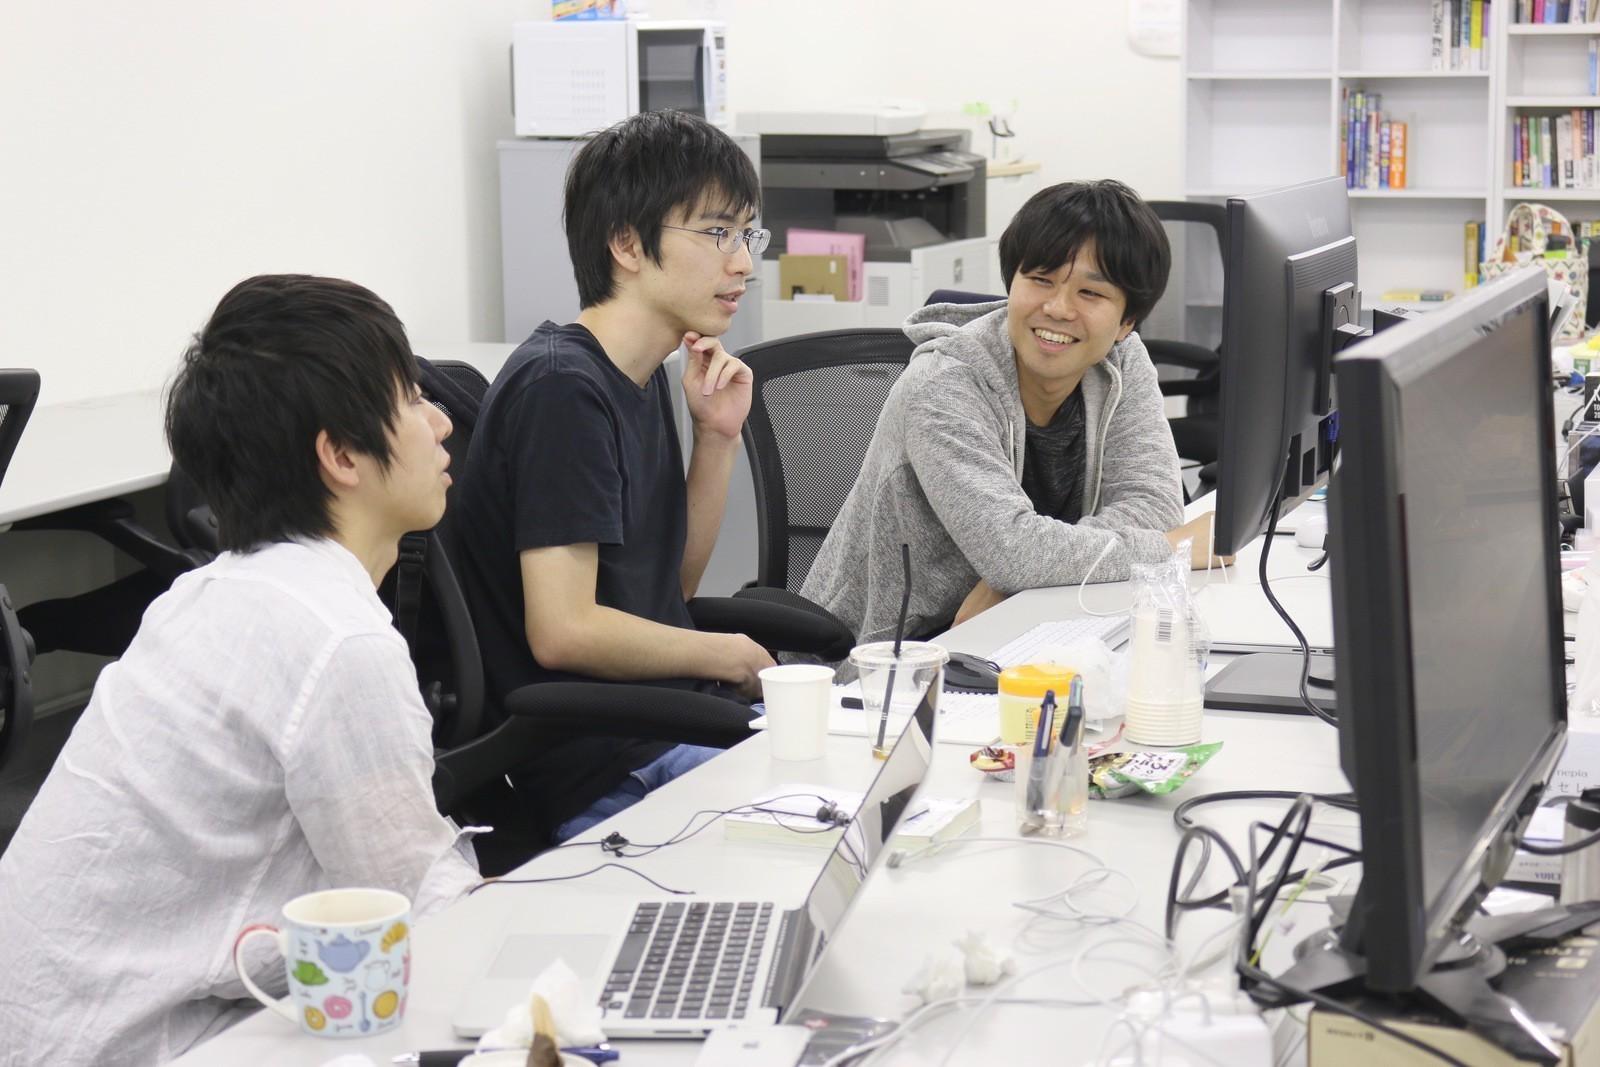 【英語学習 x アプリ】日本最大級英語学習サービス発スマートフォンアプリのUI・UXをデザインしたいアプリデザイナ募集